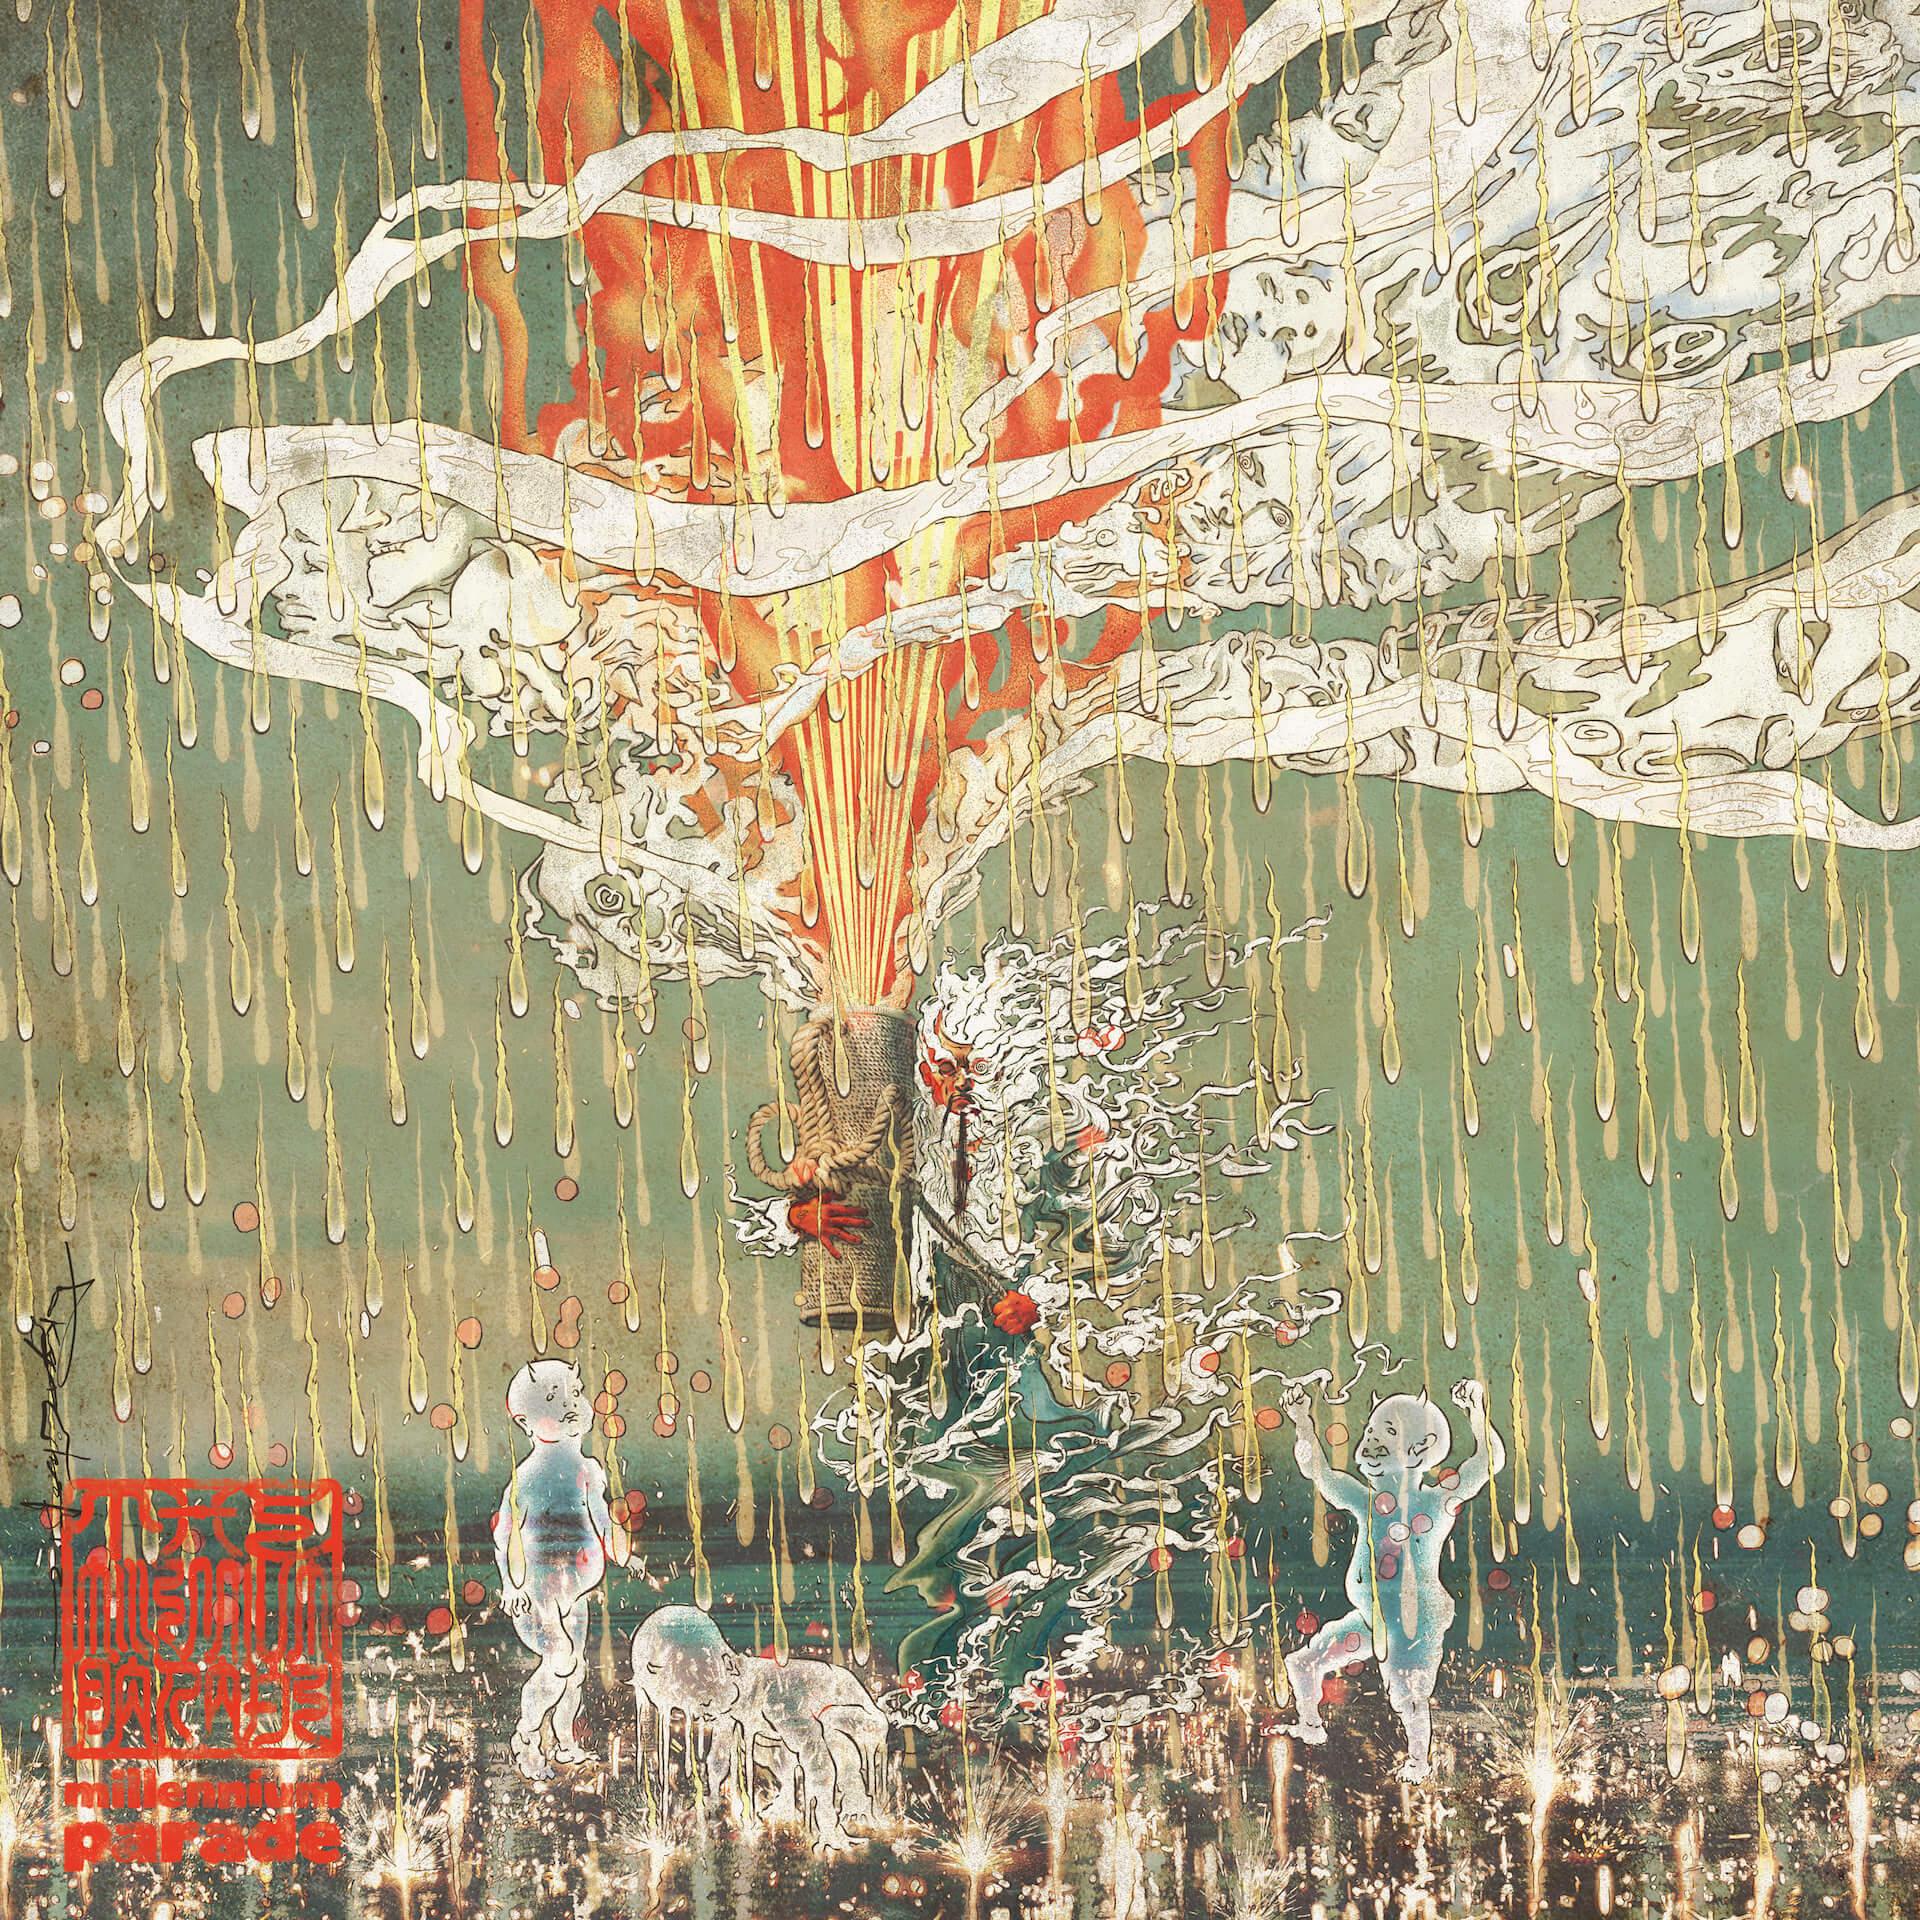 millennium paradeのデビューアルバム『THE MILLENNIUM PARADE』がついにリリース!毎日コメント投稿企画に常田大希登場「今までの集大成であり、デビューアルバム」 music210210_millenniumparade_9